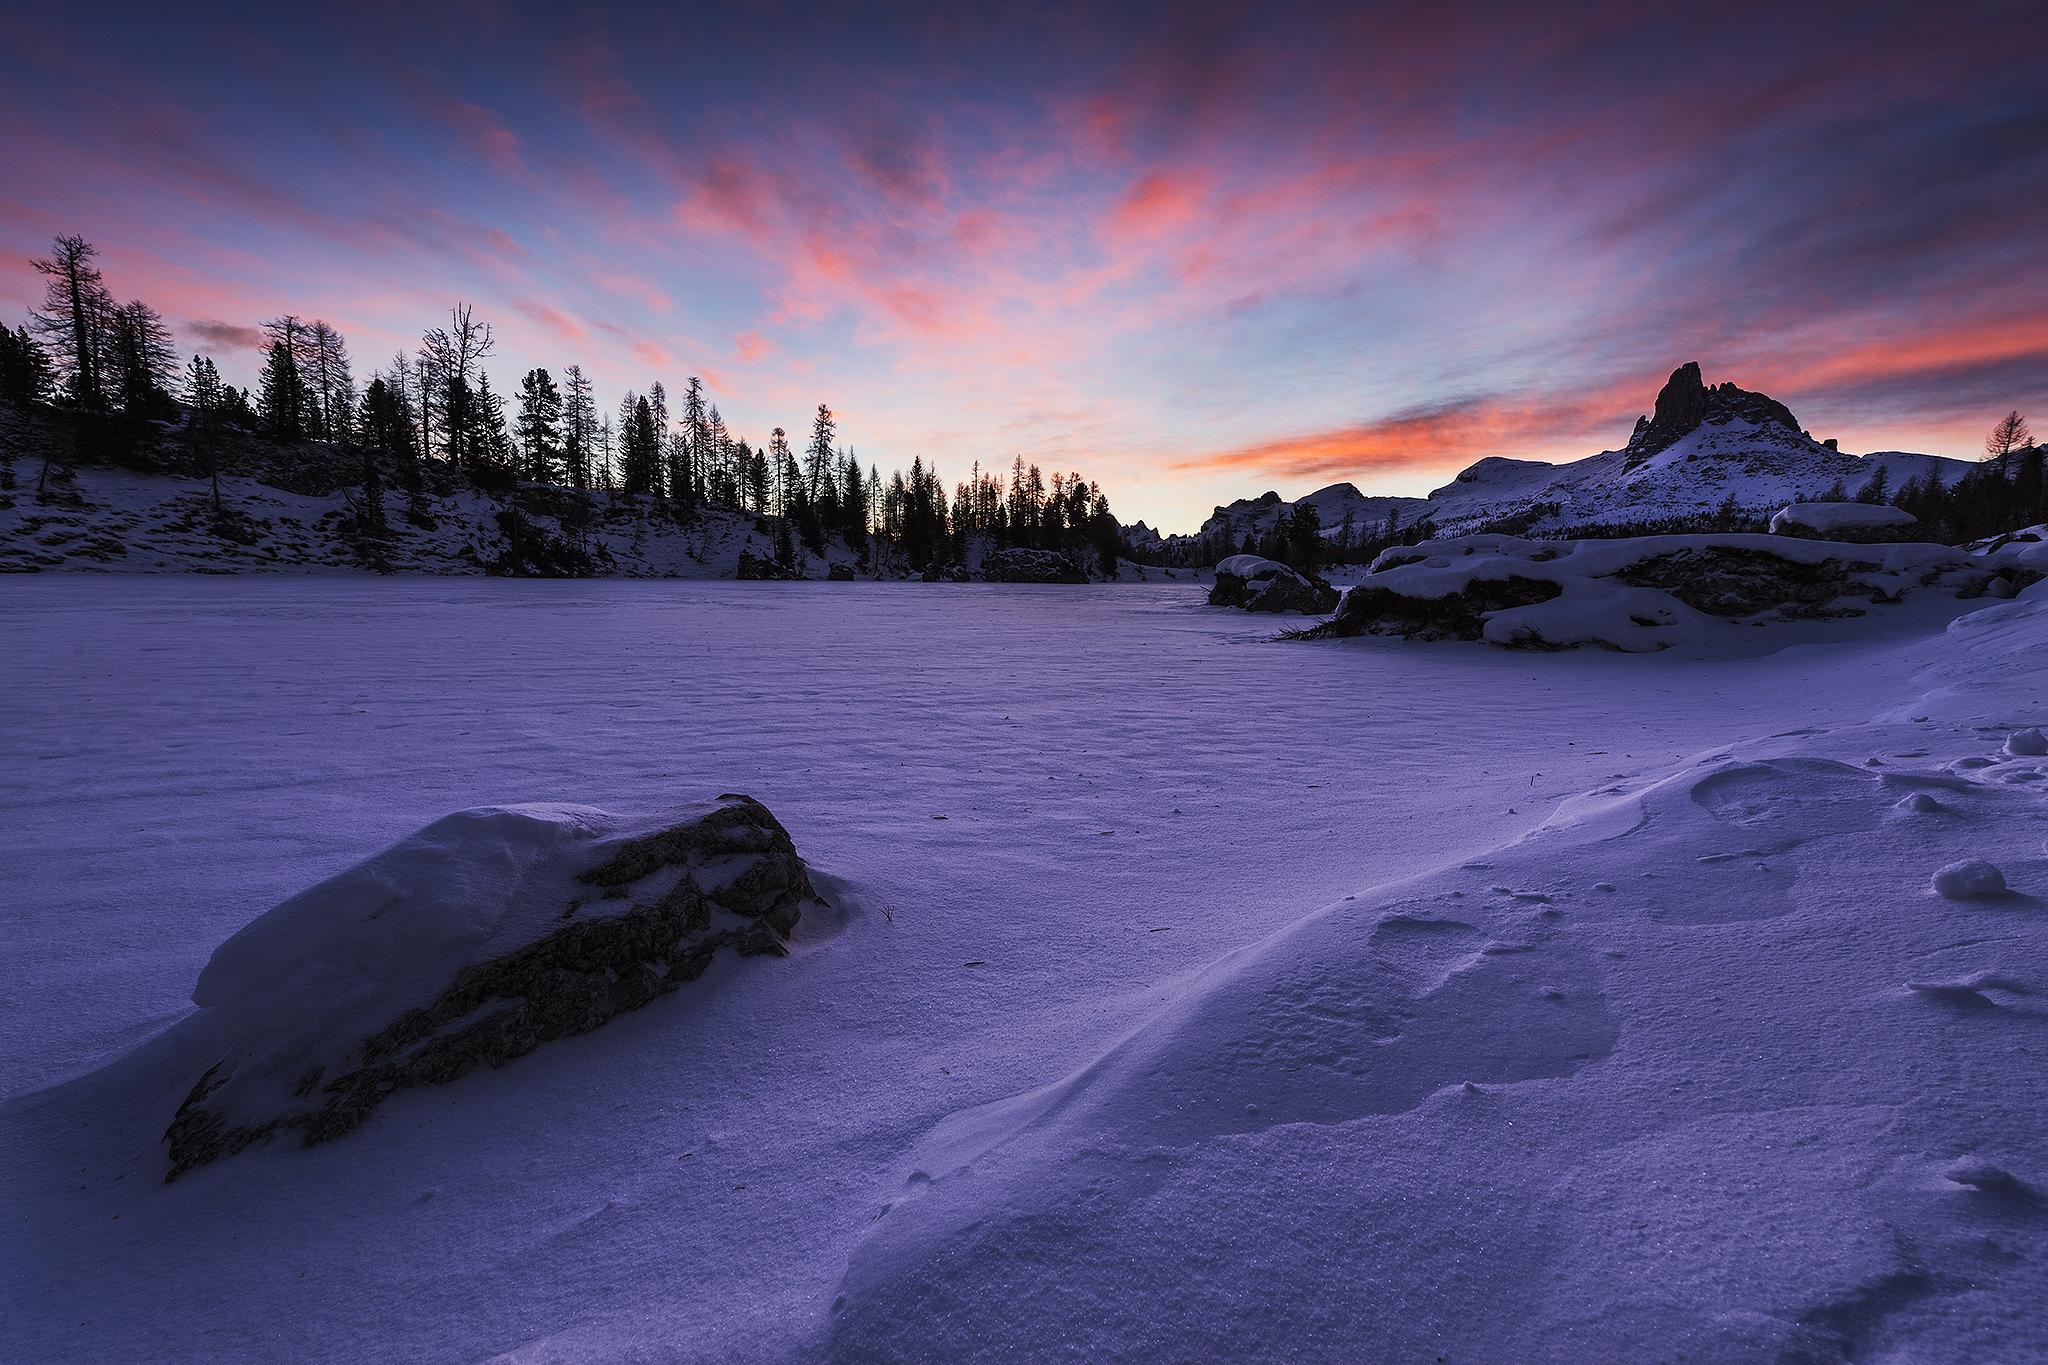 Sfondi inverno cielo panorama lago la neve alpi for Immagini inverno sfondi